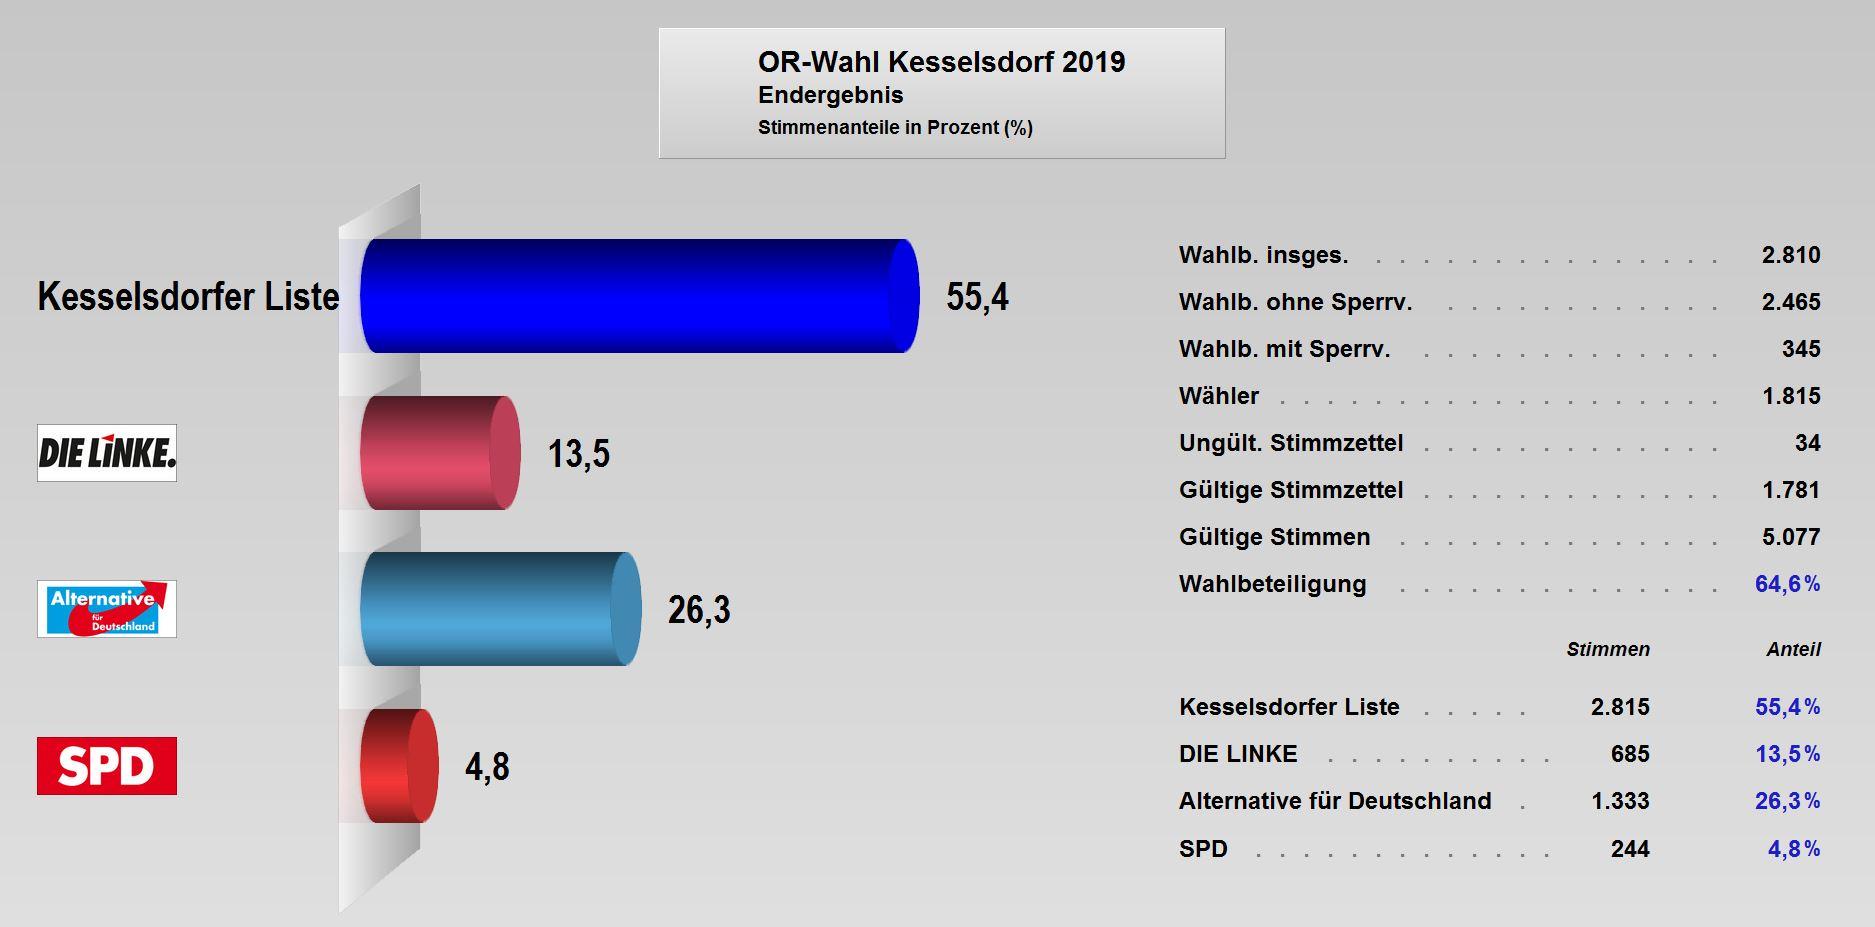 OR-Wahl_2019_Endergebnis_Kesselsdorf.JPG